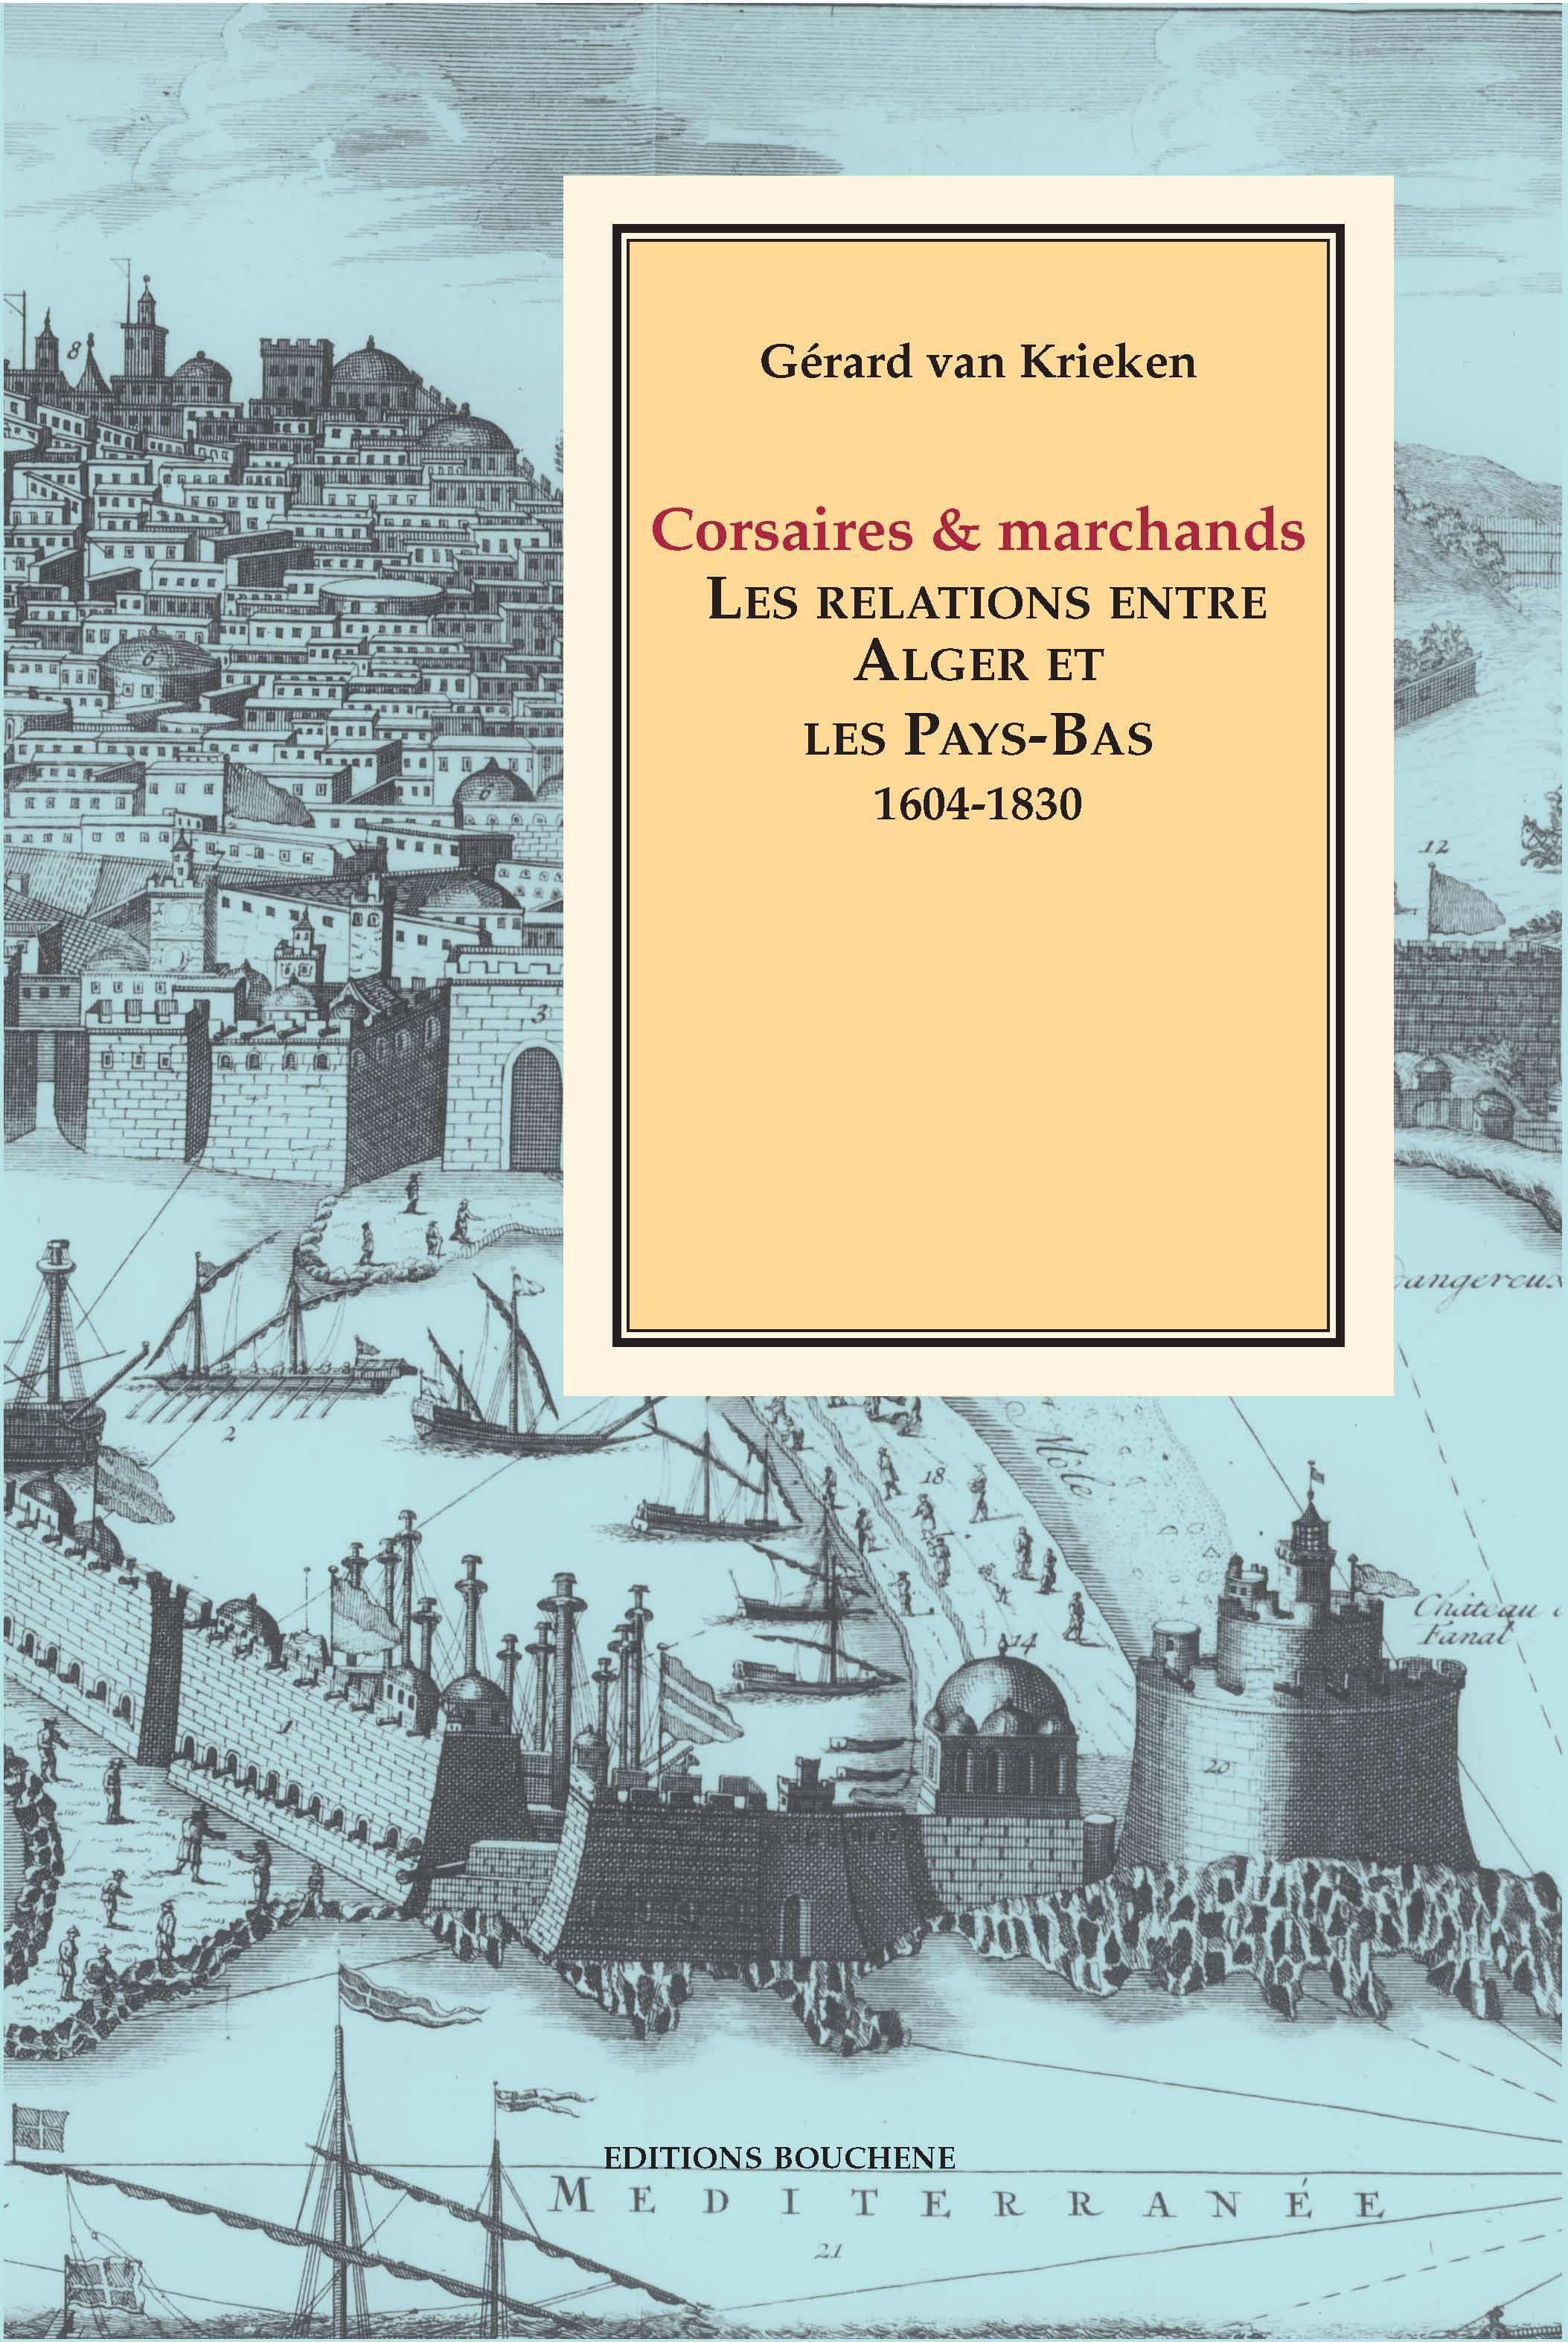 """Résultat de recherche d'images pour """"Corsaires et Marchands: Les relations entre Alger et les Pays-Bas 1604 - 1830 - Gérard Van Krieken"""""""